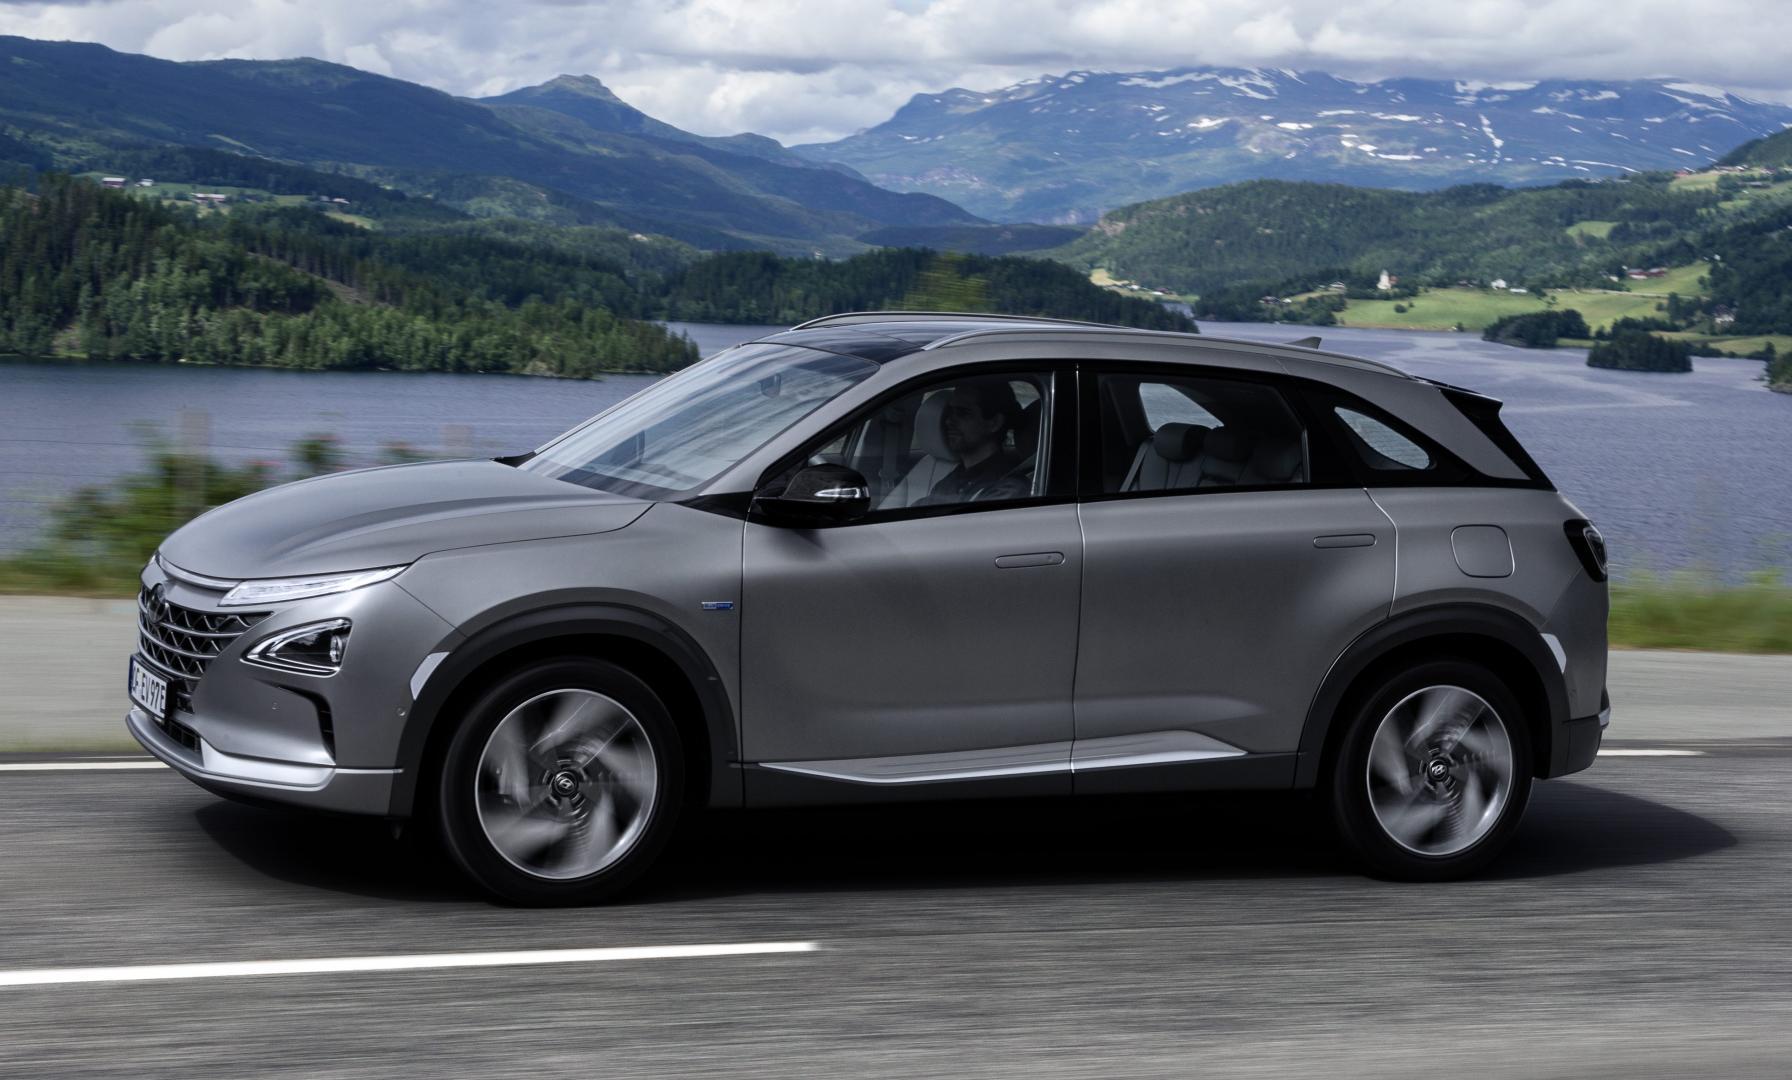 Hyundai nieuws, tests, modellen en meer - TopGear Nederland